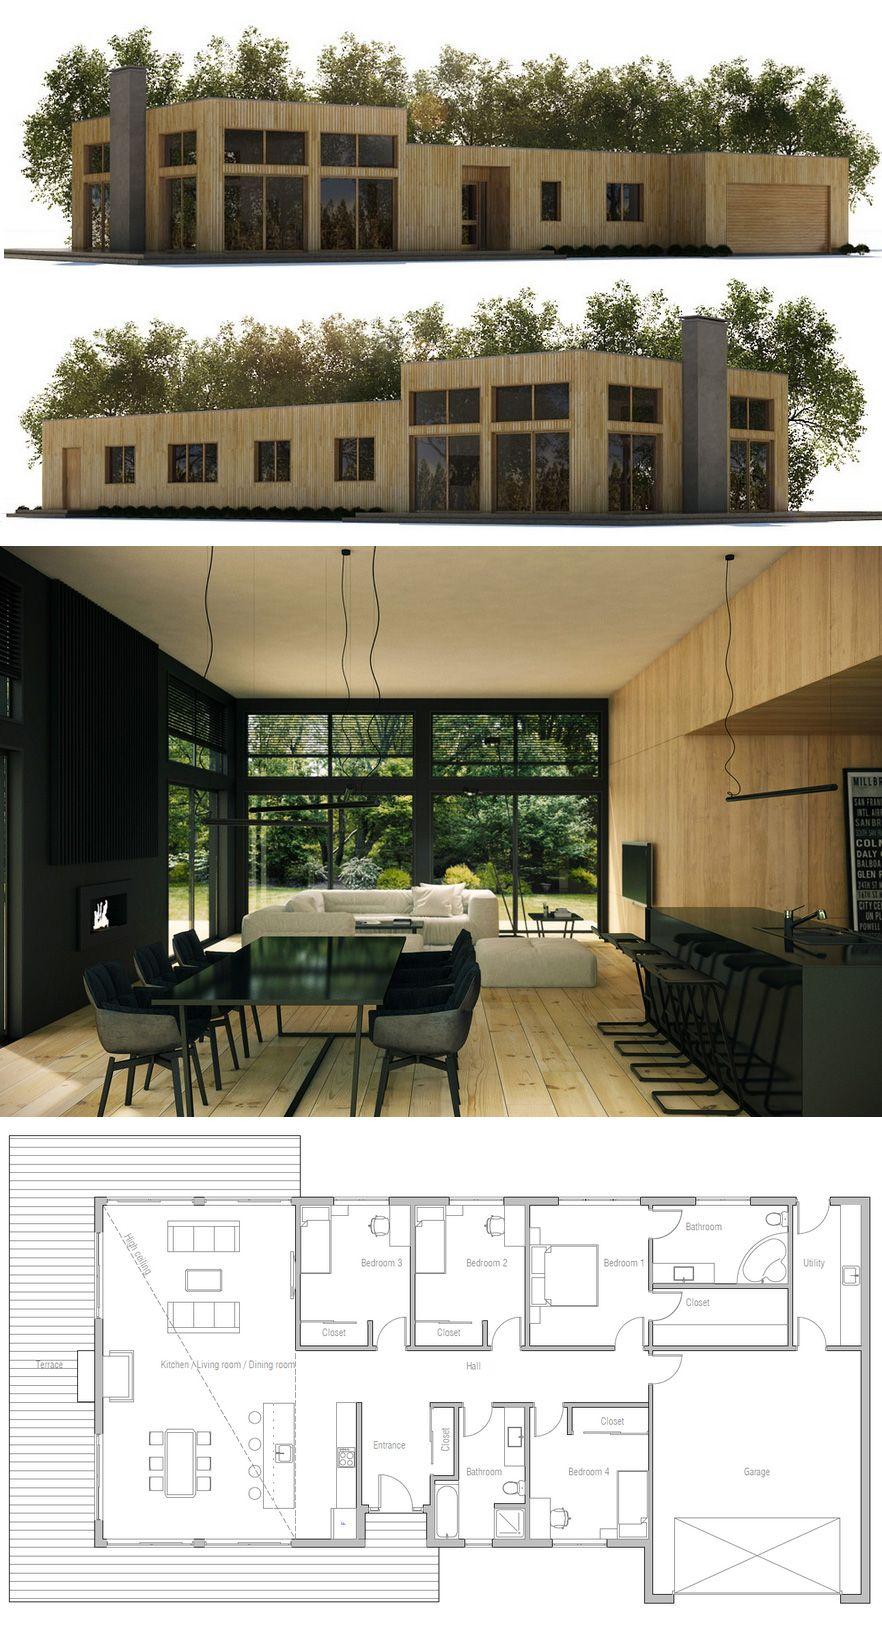 Plan de Maison   Homes   Pinterest   Salon cocina, Plantilla de casa ...